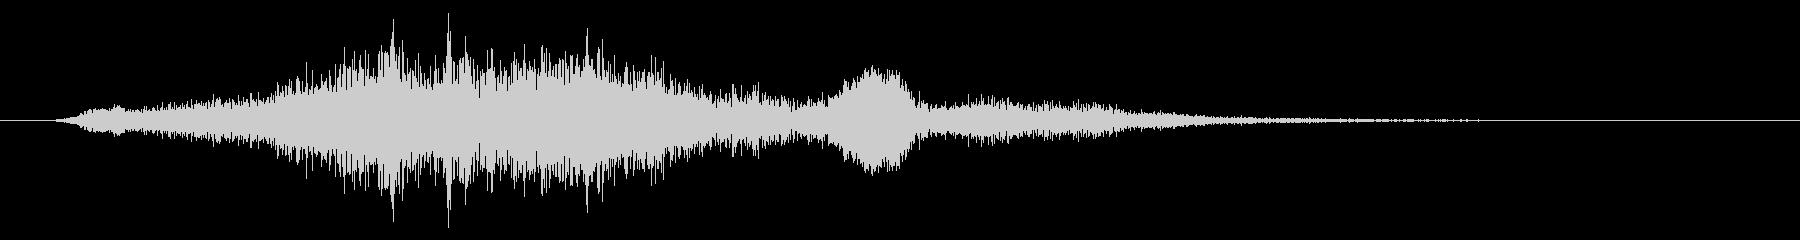 群集 デス・クライ02の未再生の波形